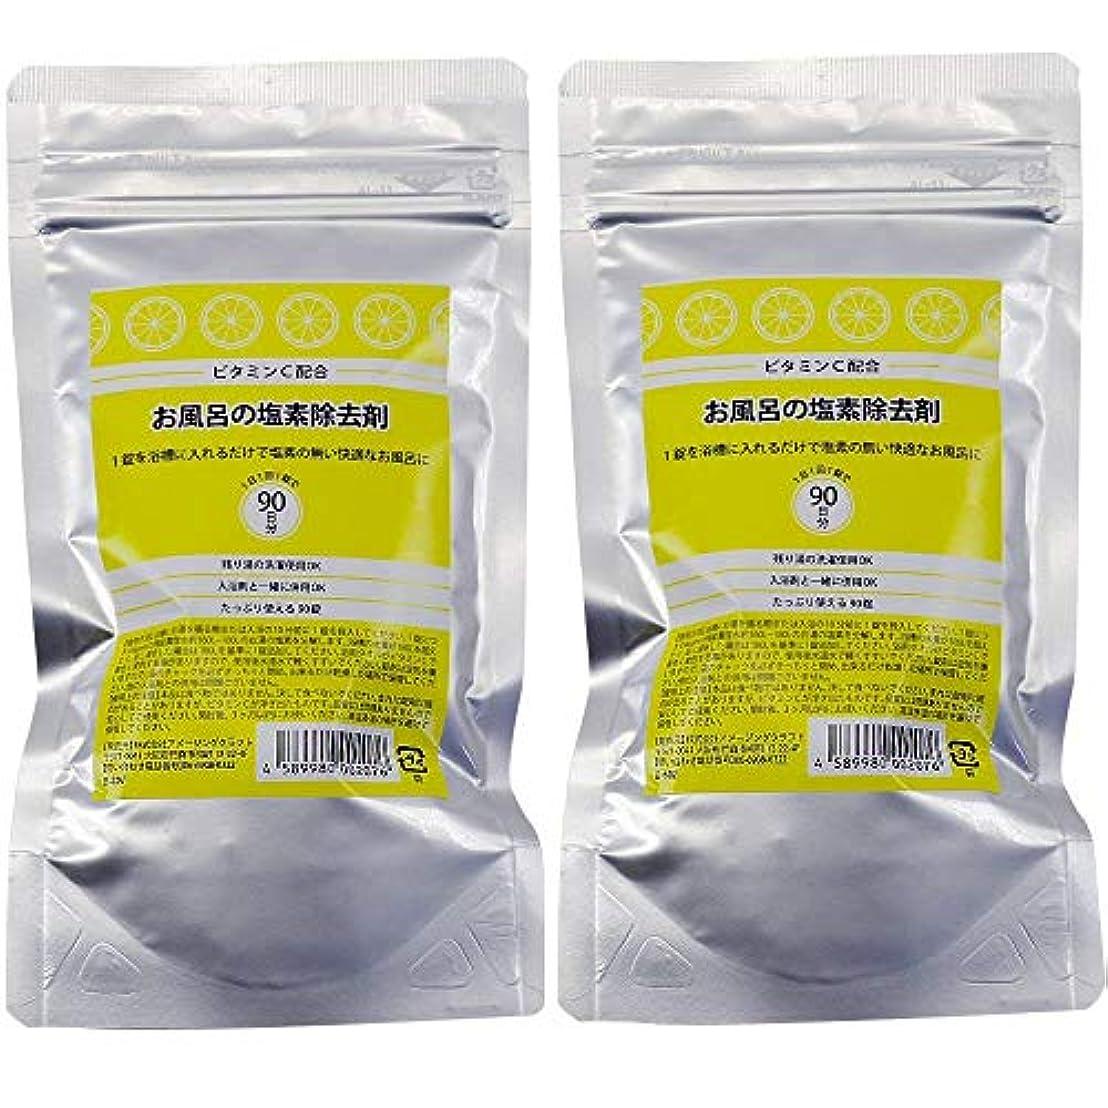 クレーターサラミテセウスビタミンC配合 お風呂の塩素除去剤 錠剤タイプ 90錠 2個セット 浴槽用脱塩素剤